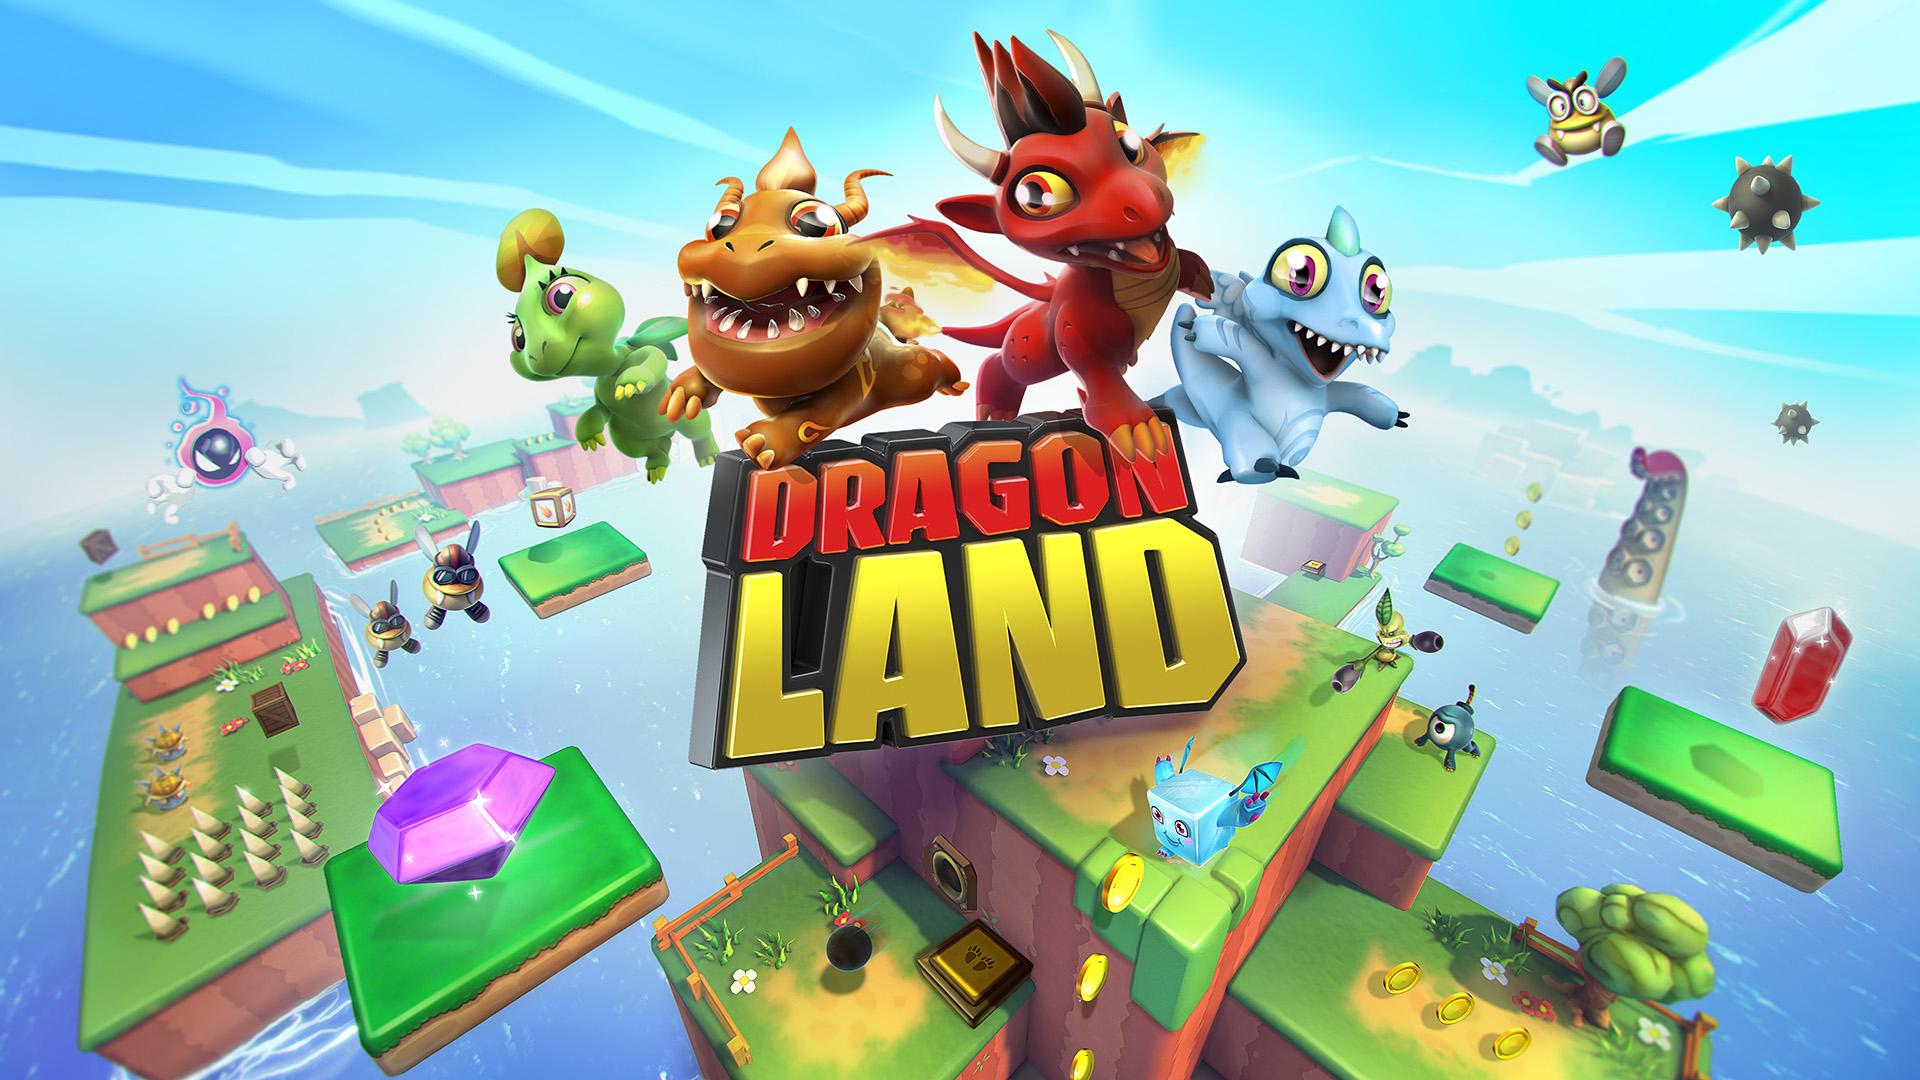 Dragon Land telecharger gratuit sans verification humaine